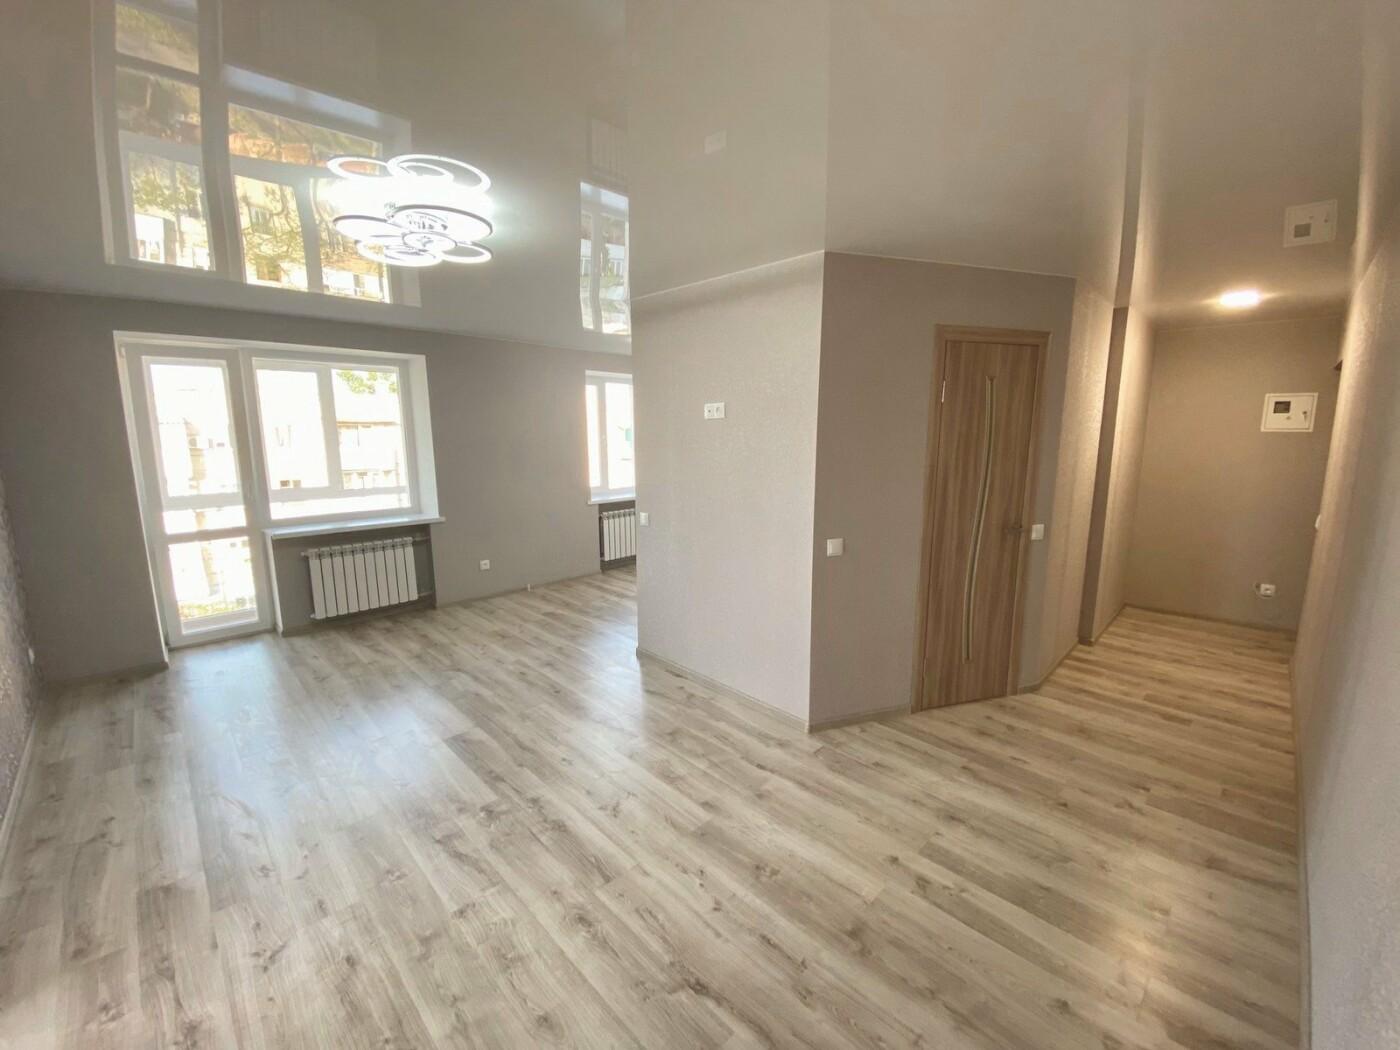 Квадратный метр дорожает: где в Северодонецке самые дорогие и самые дешевые квартиры, фото-7